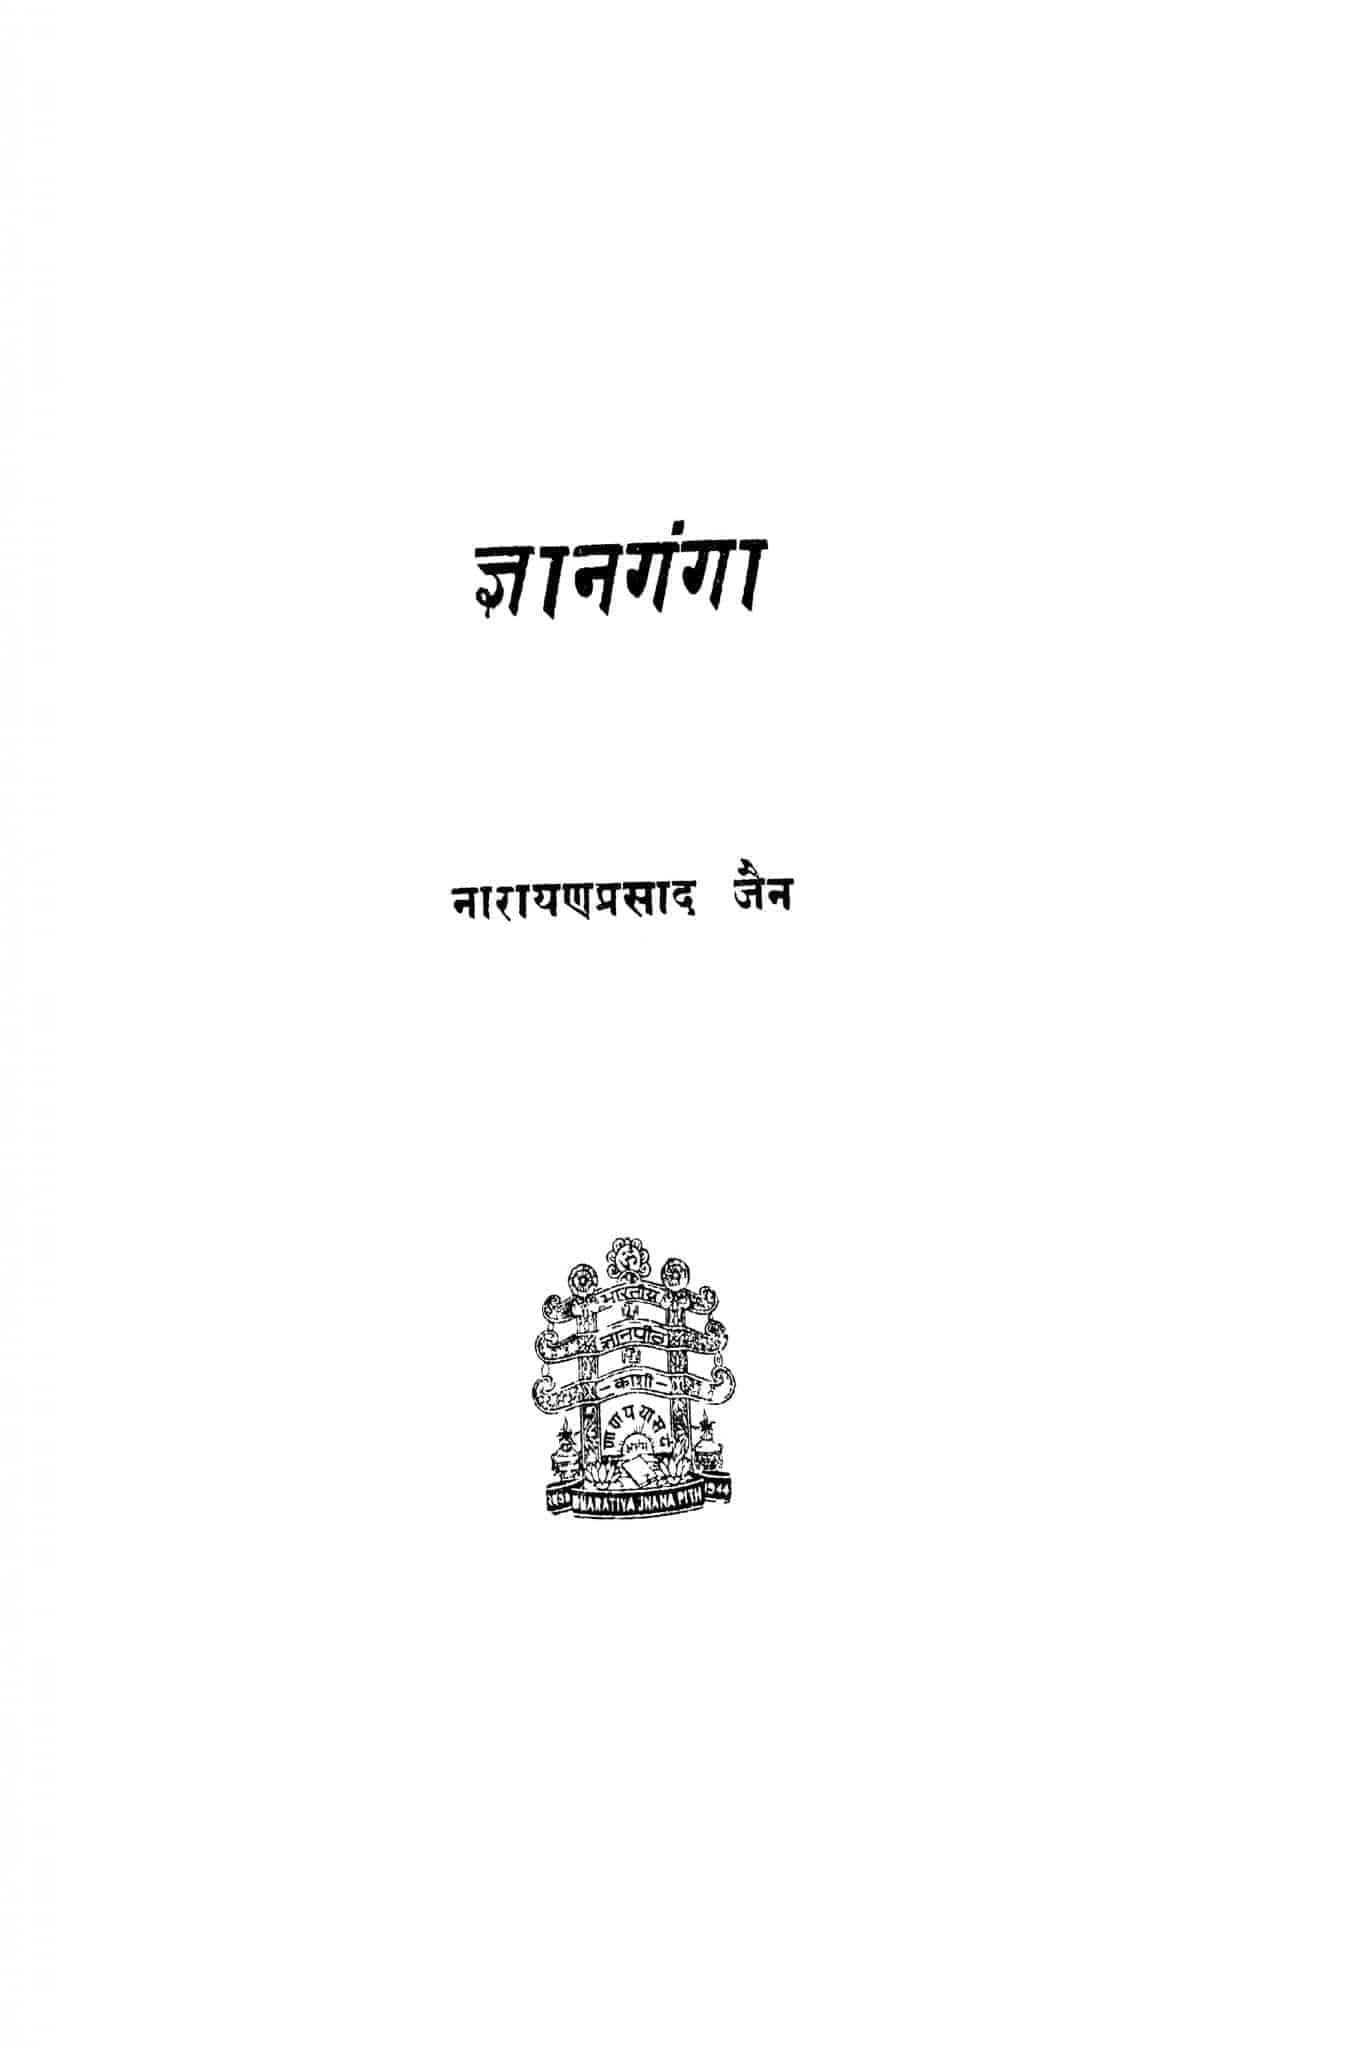 Gyanganga by नारायण प्रसाद जैन - Narayan Prasad Jain